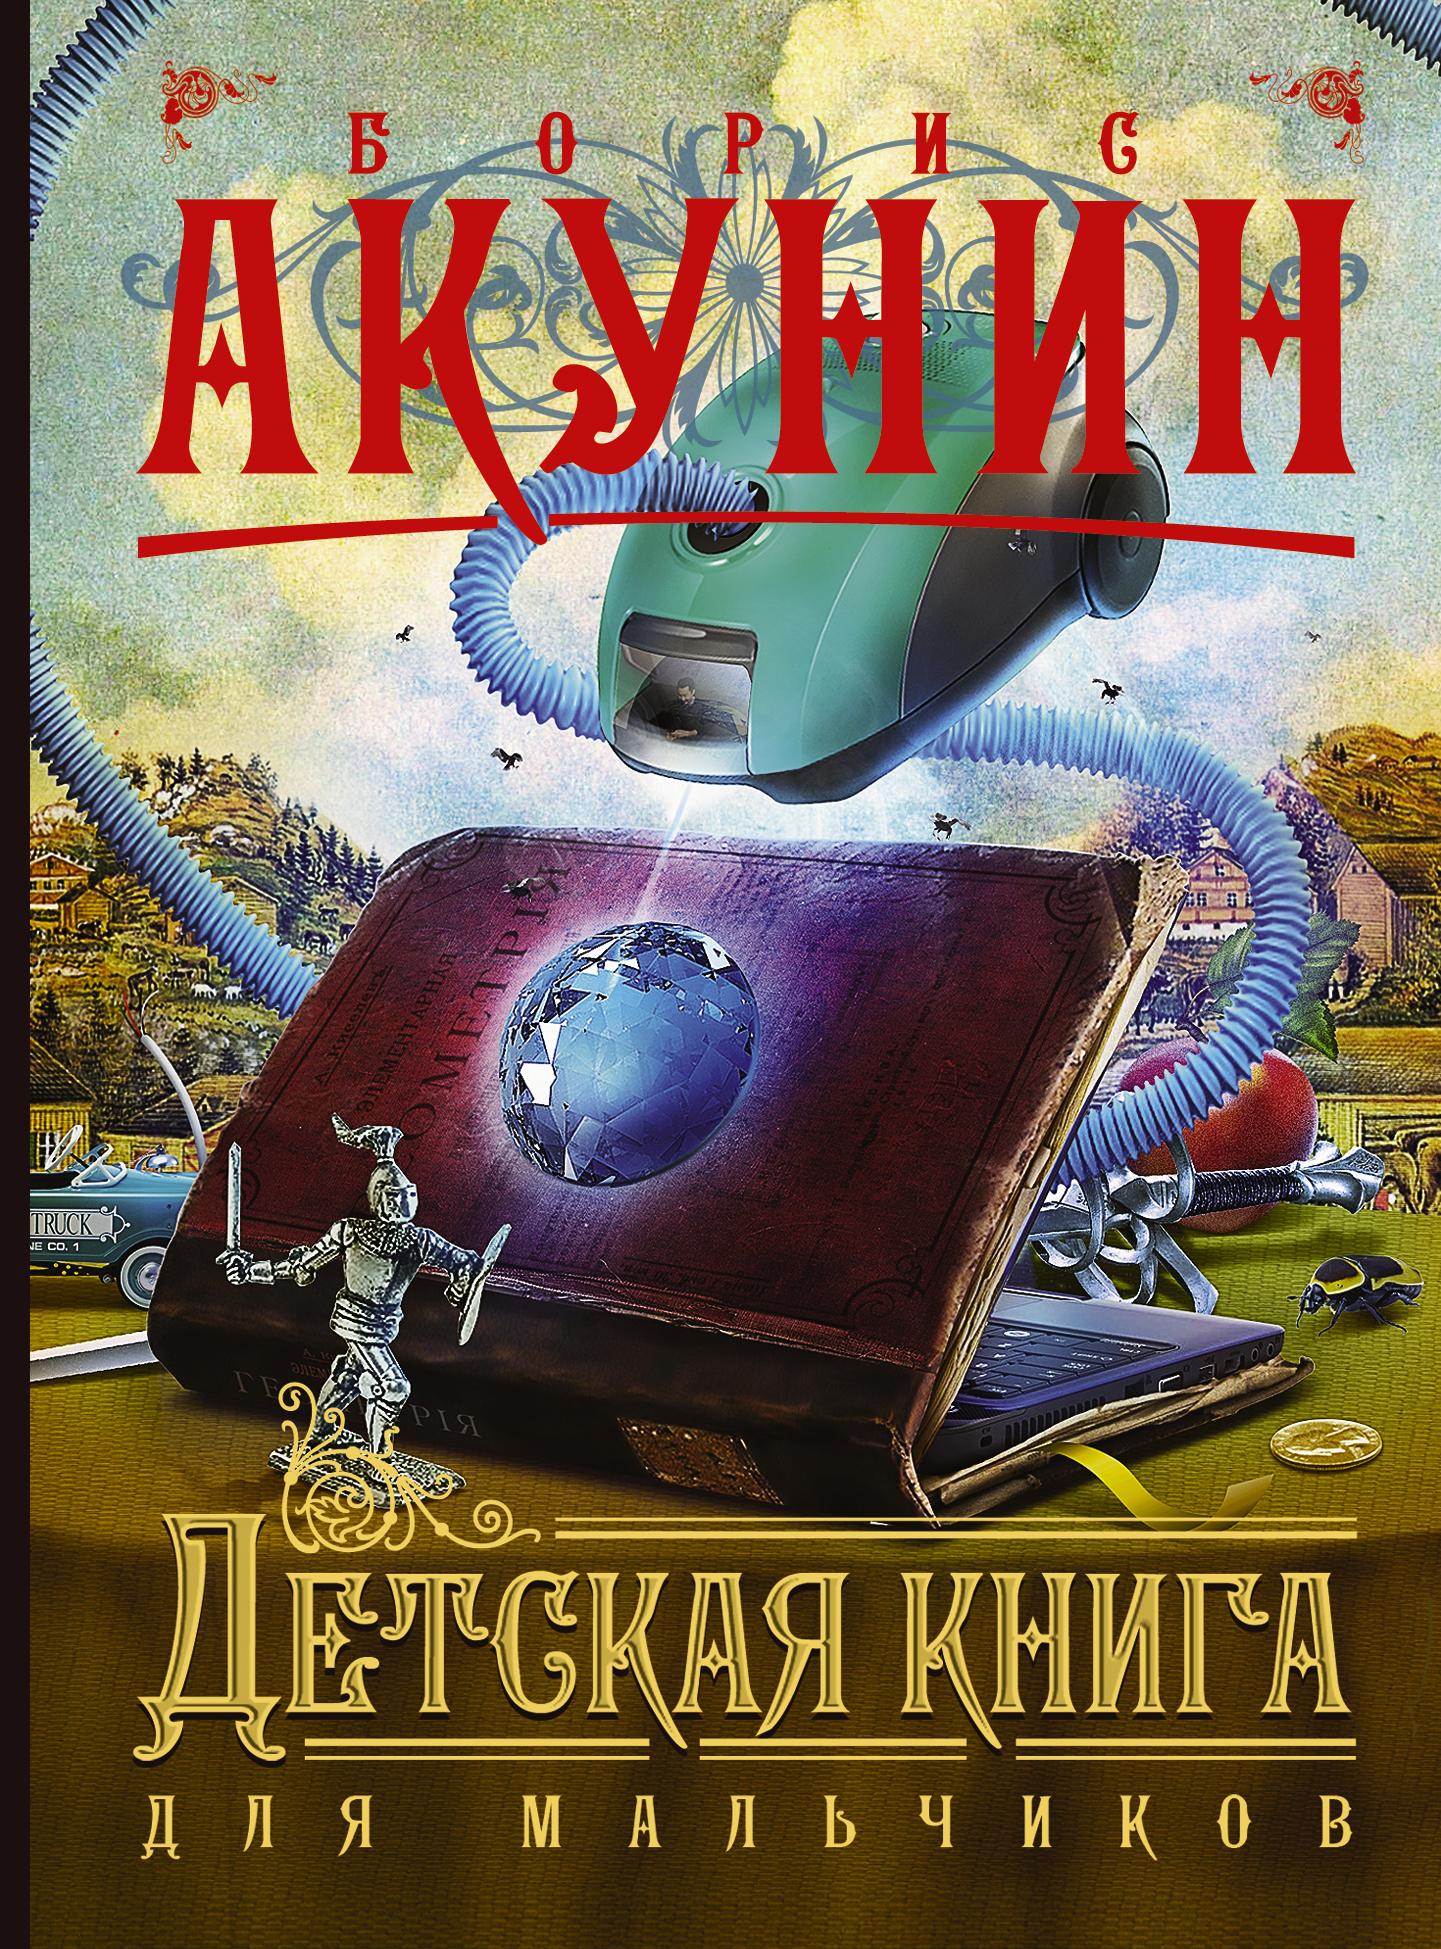 Борис Акунин Детская книга для мальчиков акунин б детская книга для мальчиков